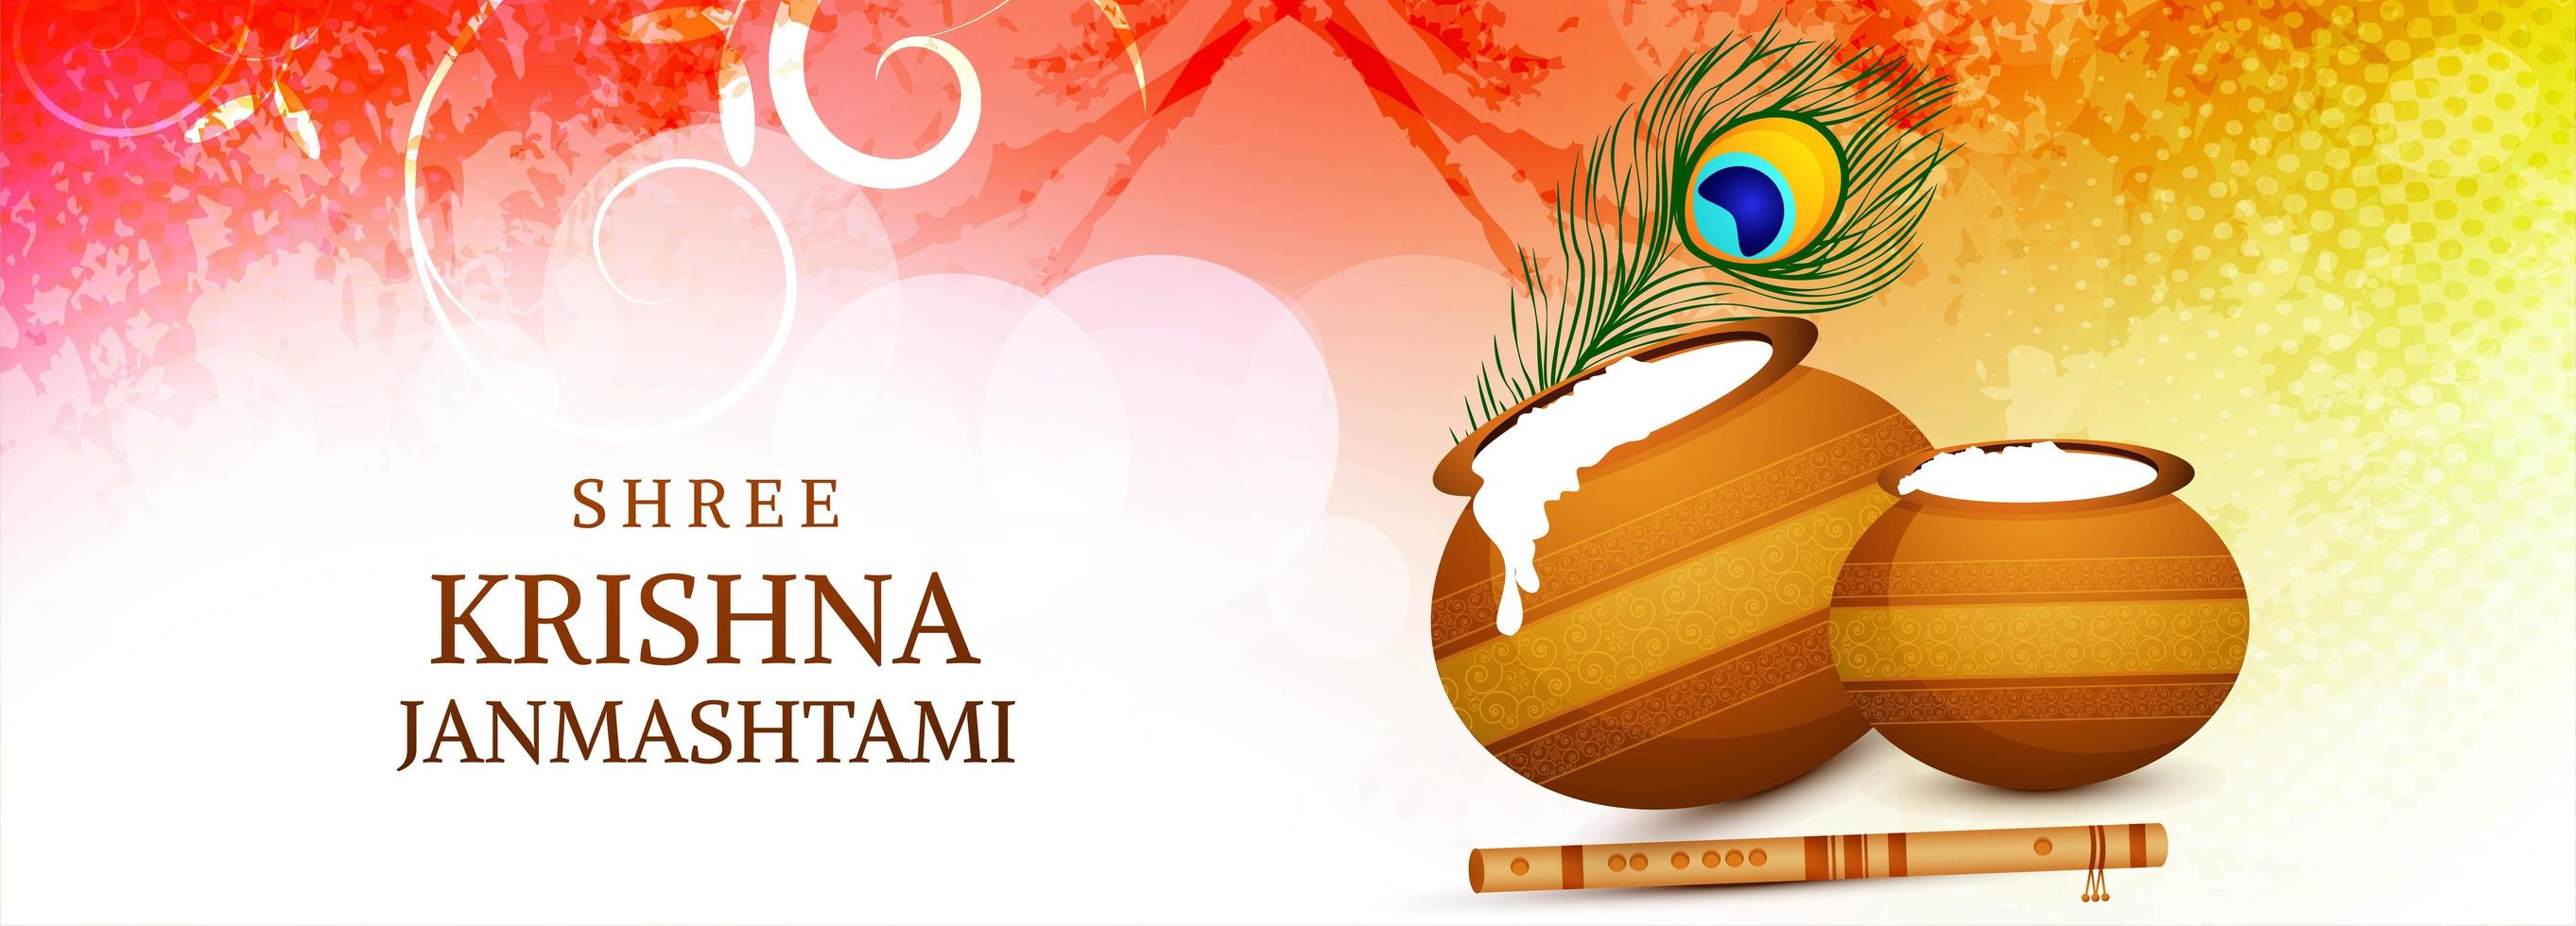 festival för janmashtami banner firande kort på rött, gult vektor